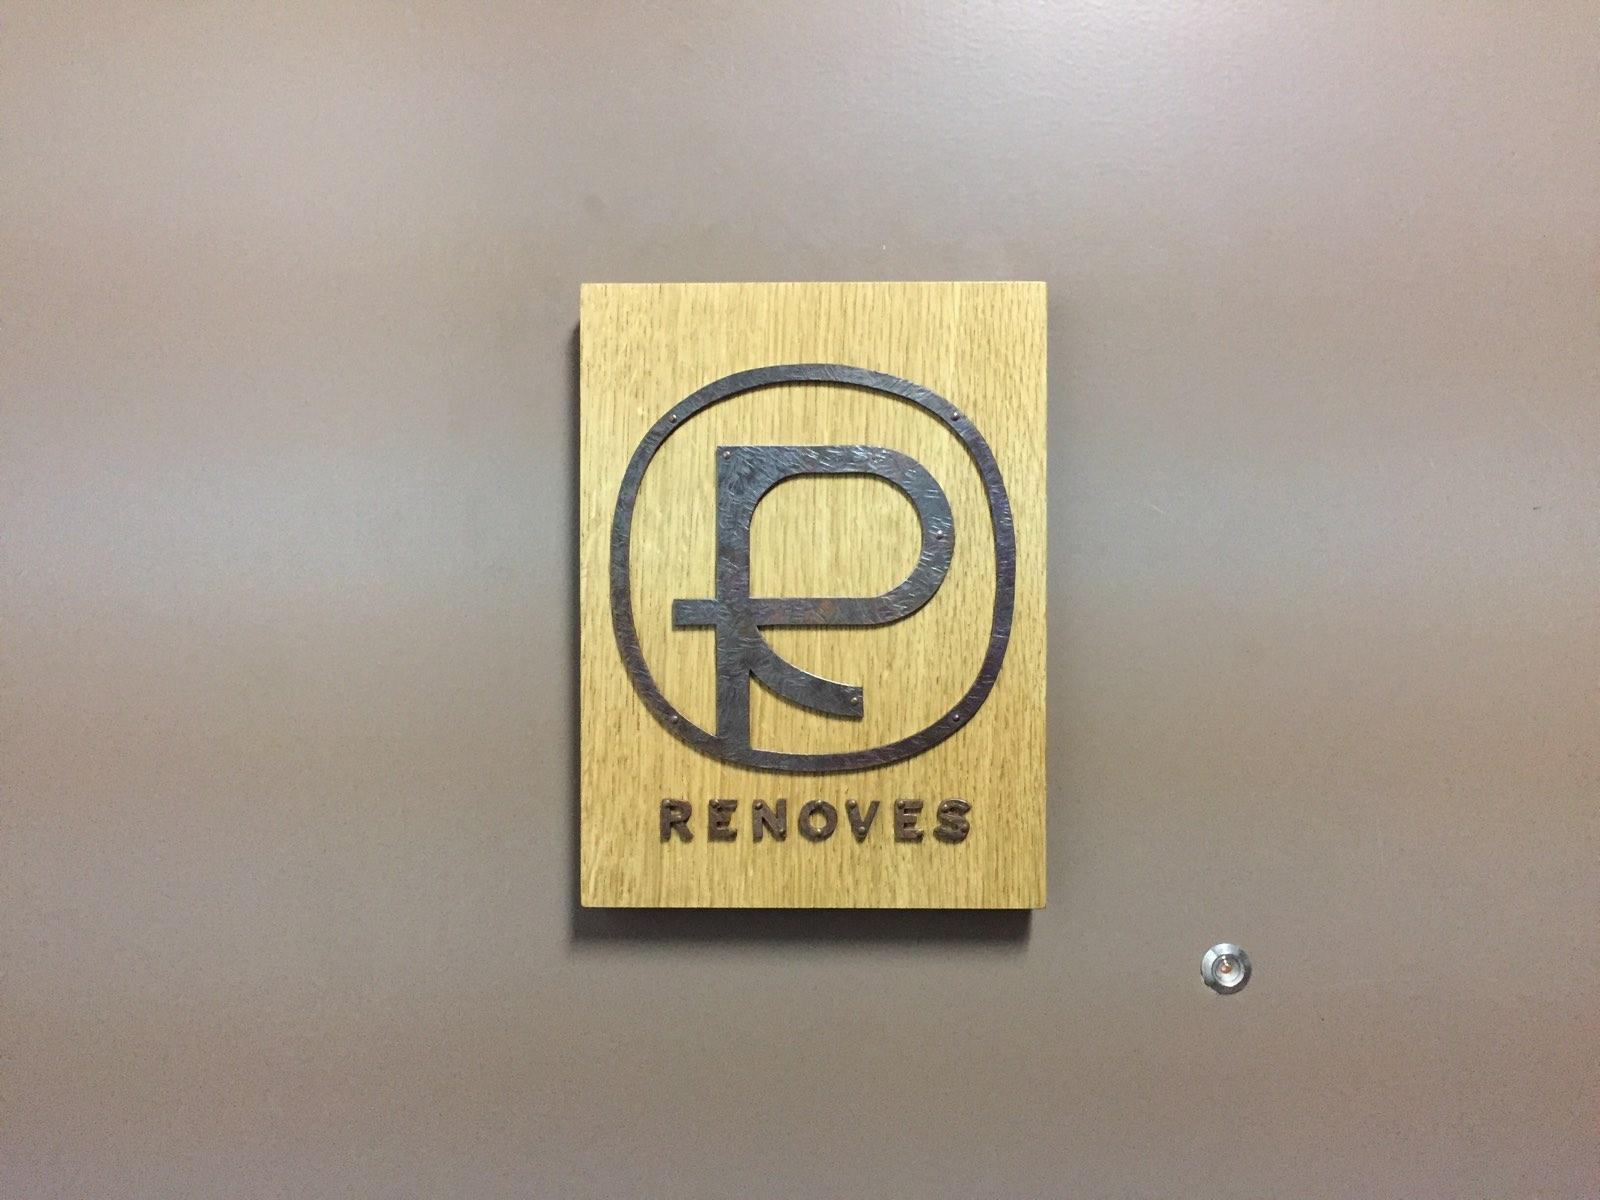 RENOVES 看板の設置